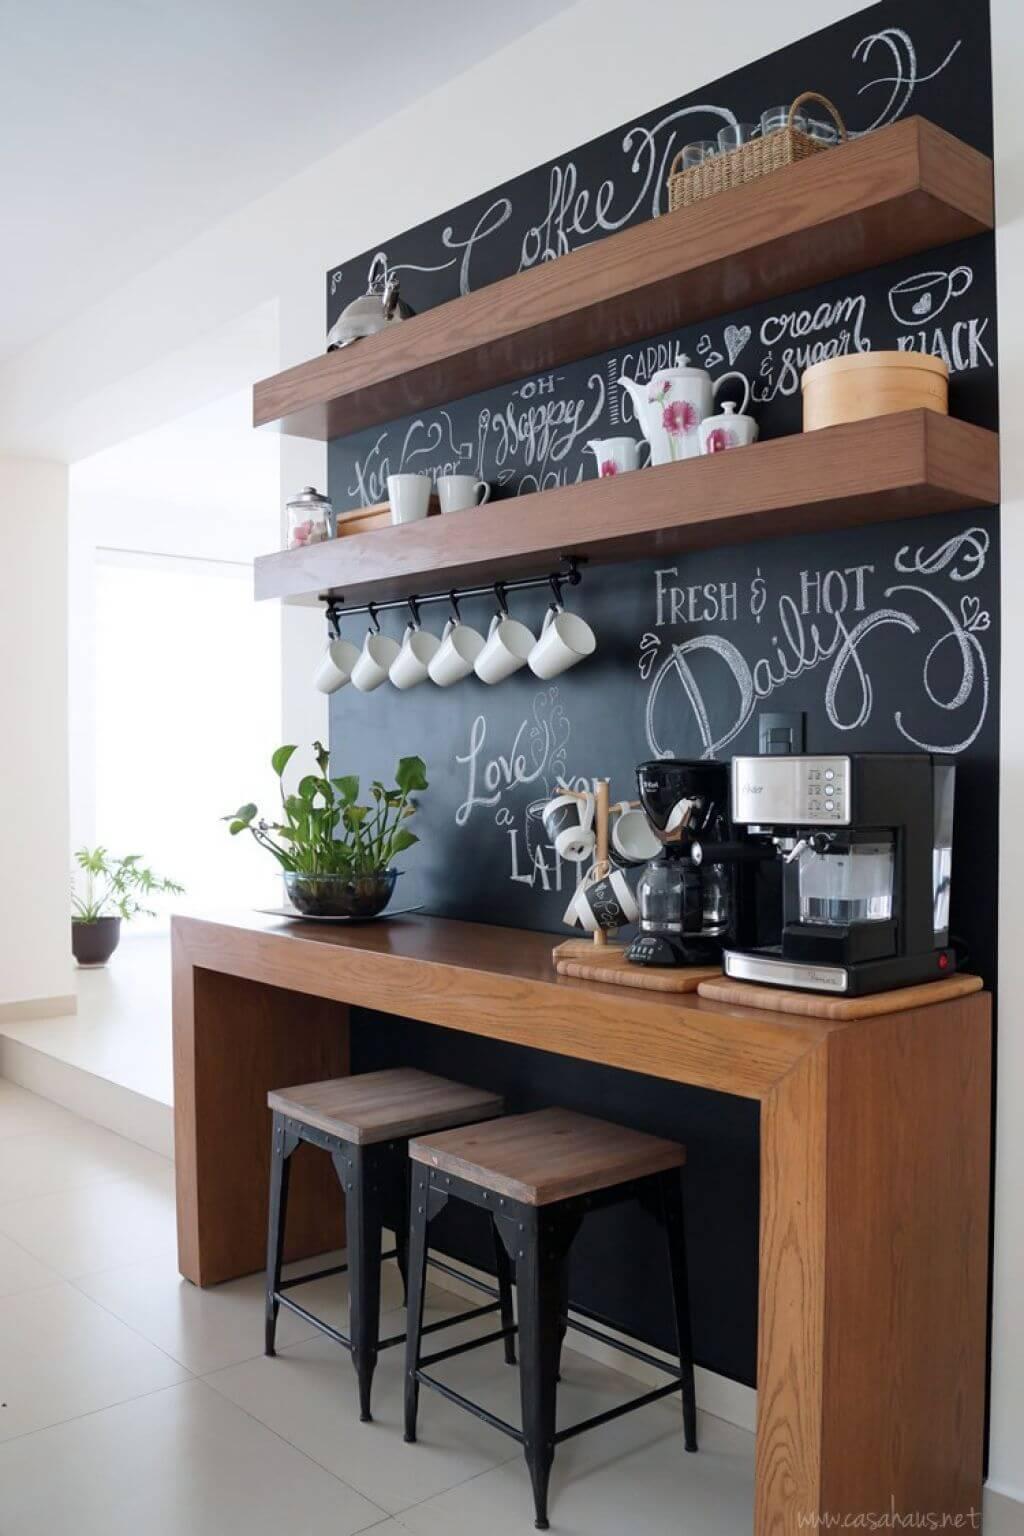 Rangement d'étagère flottante moderne avec toile de fond de tableau